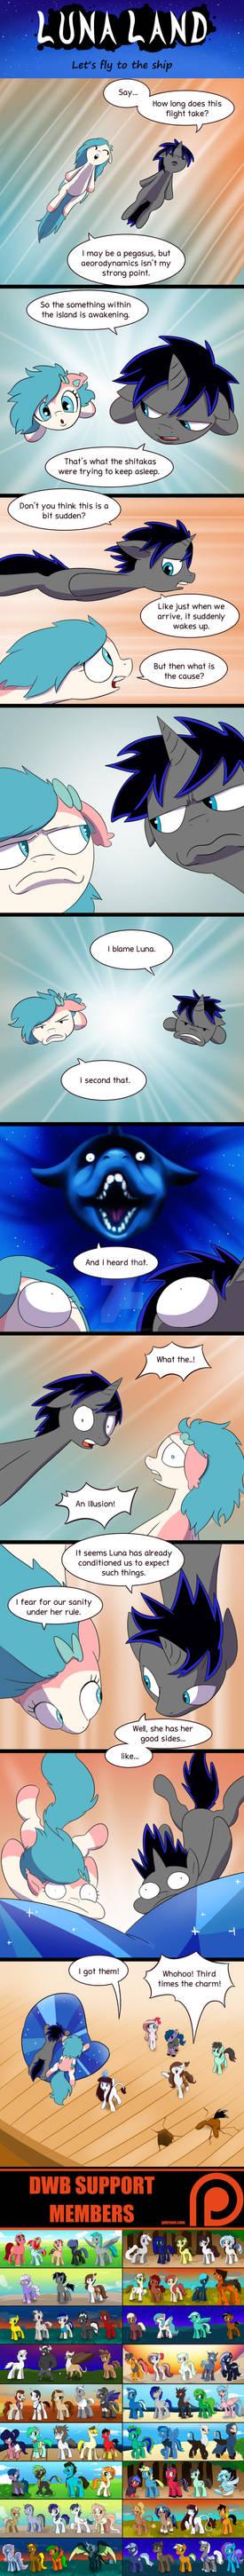 Luna Land Episode 22